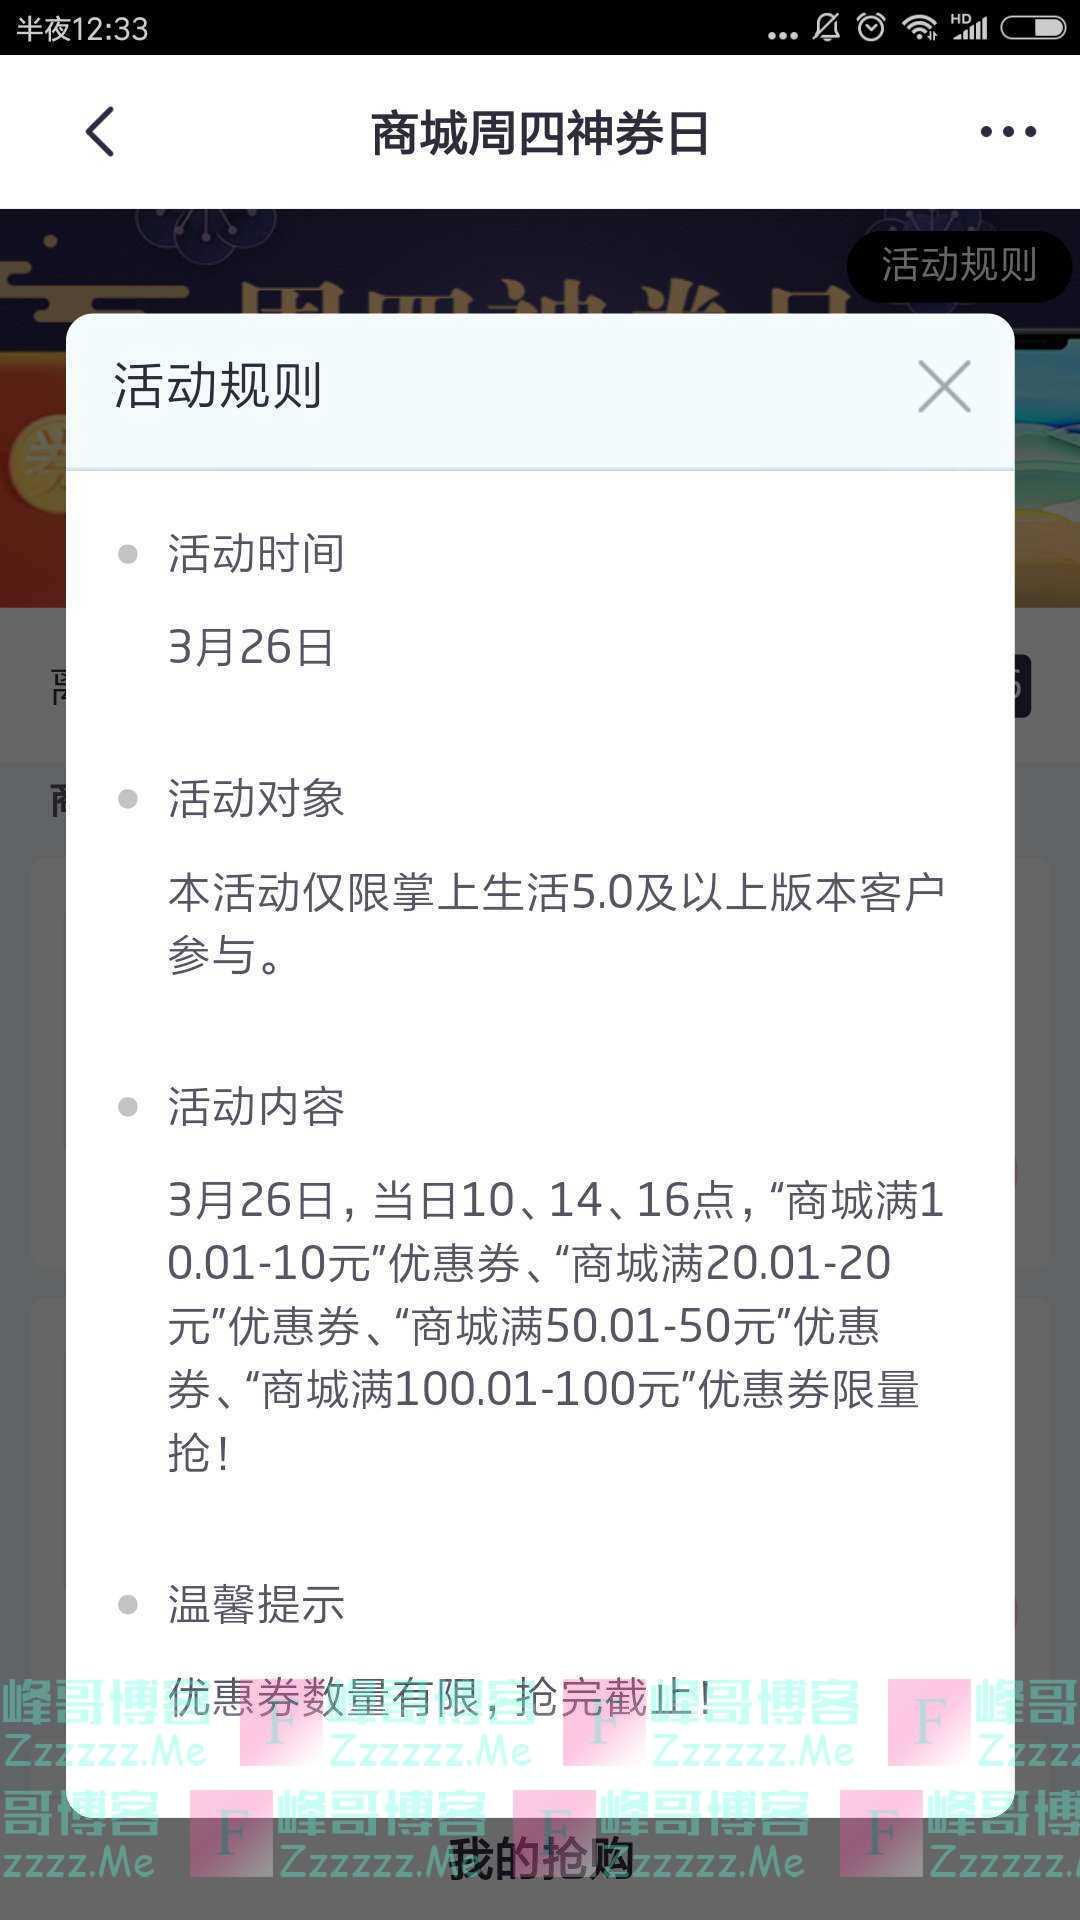 掌上生活神券日抢百元红包 抽IPHONE11(截止3月26日)